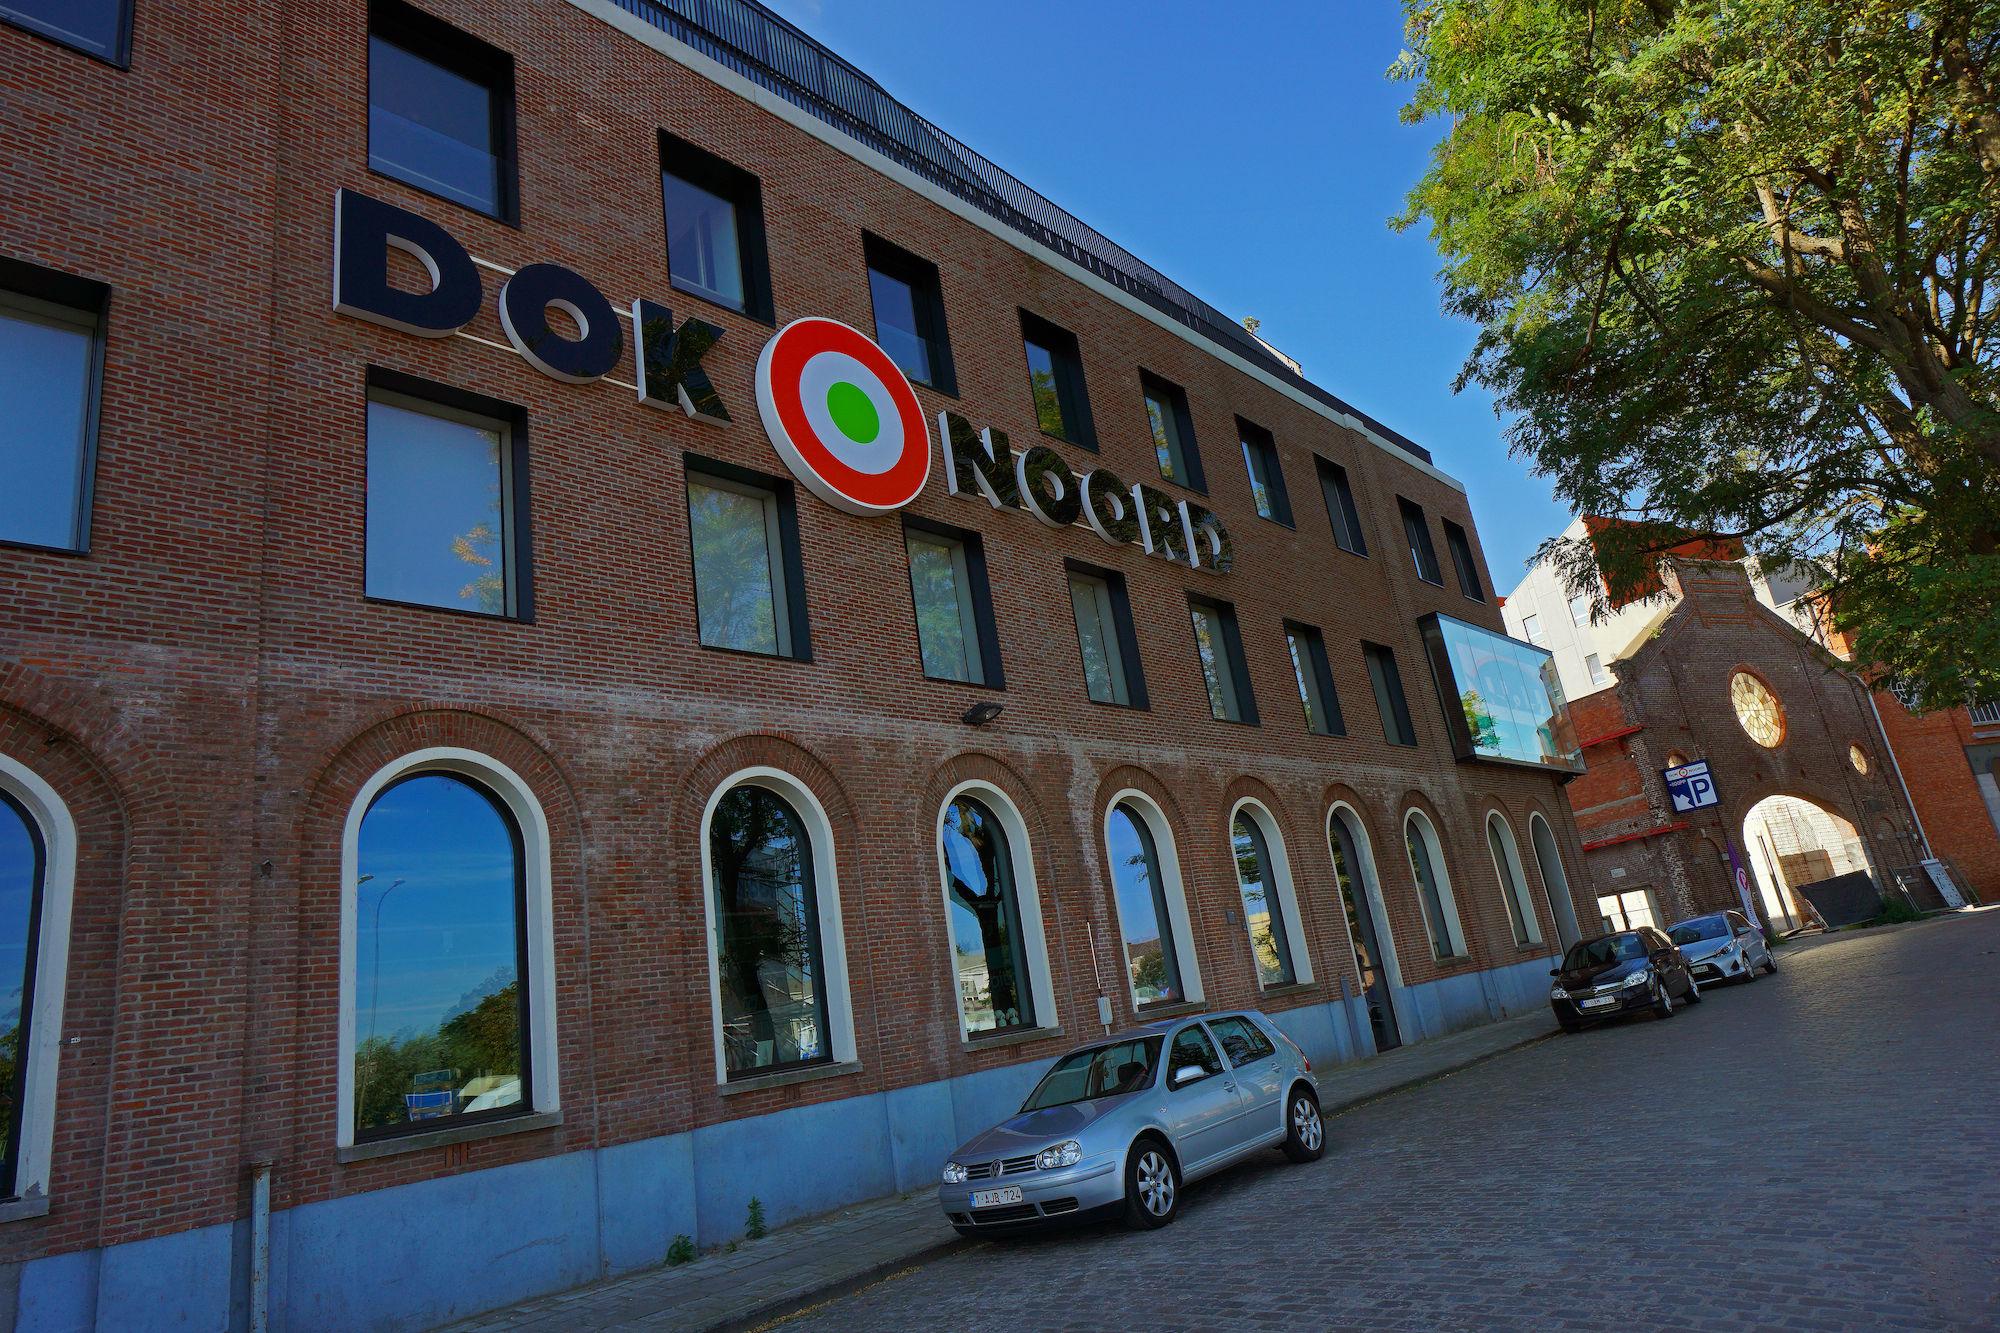 Dok Noord